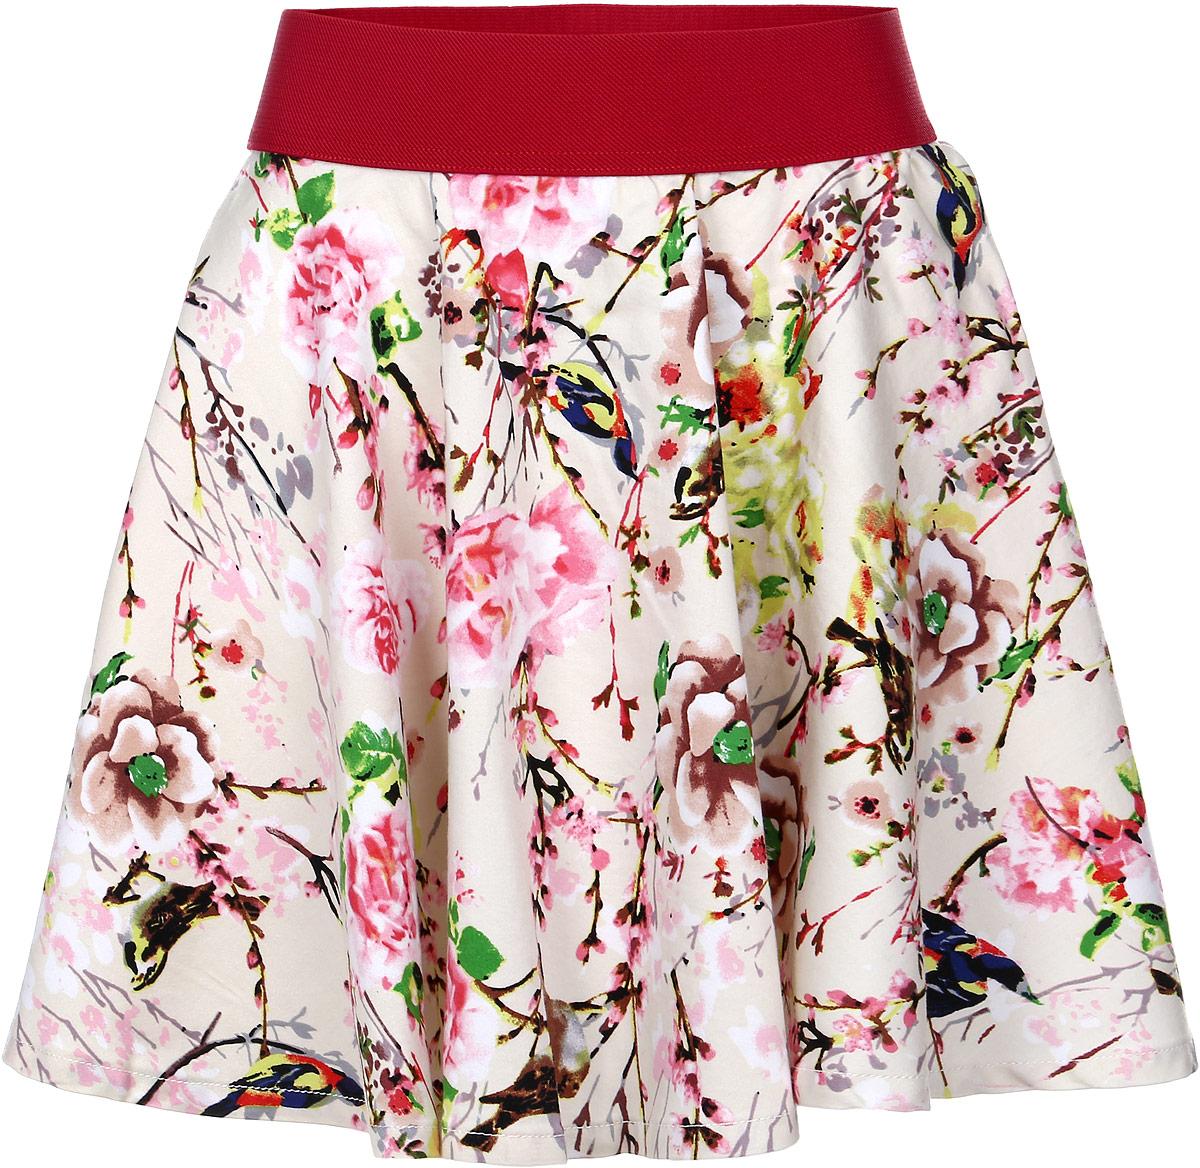 Юбка. SS161G422SS161G422-5Яркая юбка для девочки Nota Bene идеально подойдет вашей моднице и станет отличным дополнением к летнему гардеробу. Изготовленная из эластичного хлопка с добавлением полиэстера, она мягкая и приятная на ощупь, не сковывает движения и позволяет коже дышать, не раздражает нежную кожу ребенка, обеспечивая наибольший комфорт. Модель на поясе имеет широкую эластичную резинку, благодаря чему юбка не сползает и не сдавливает животик ребенка. Юбка-солнце средней длины украшена крупным цветочным принтом. В такой модной юбке ваша принцесса будет чувствовать себя комфортно, уютно и всегда будет в центре внимания!